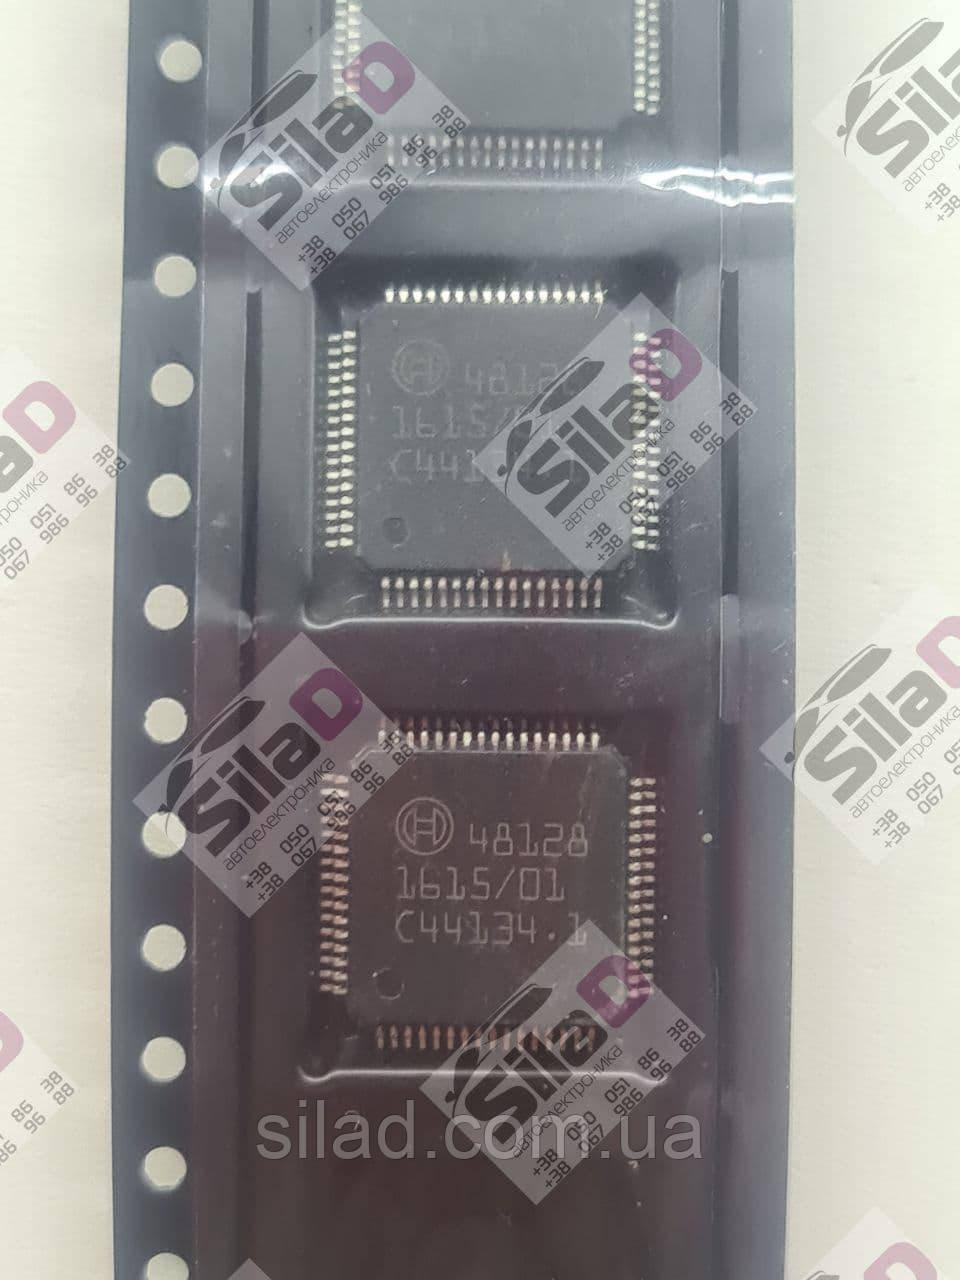 Микросхема Bosch 48128 корпус QFP64